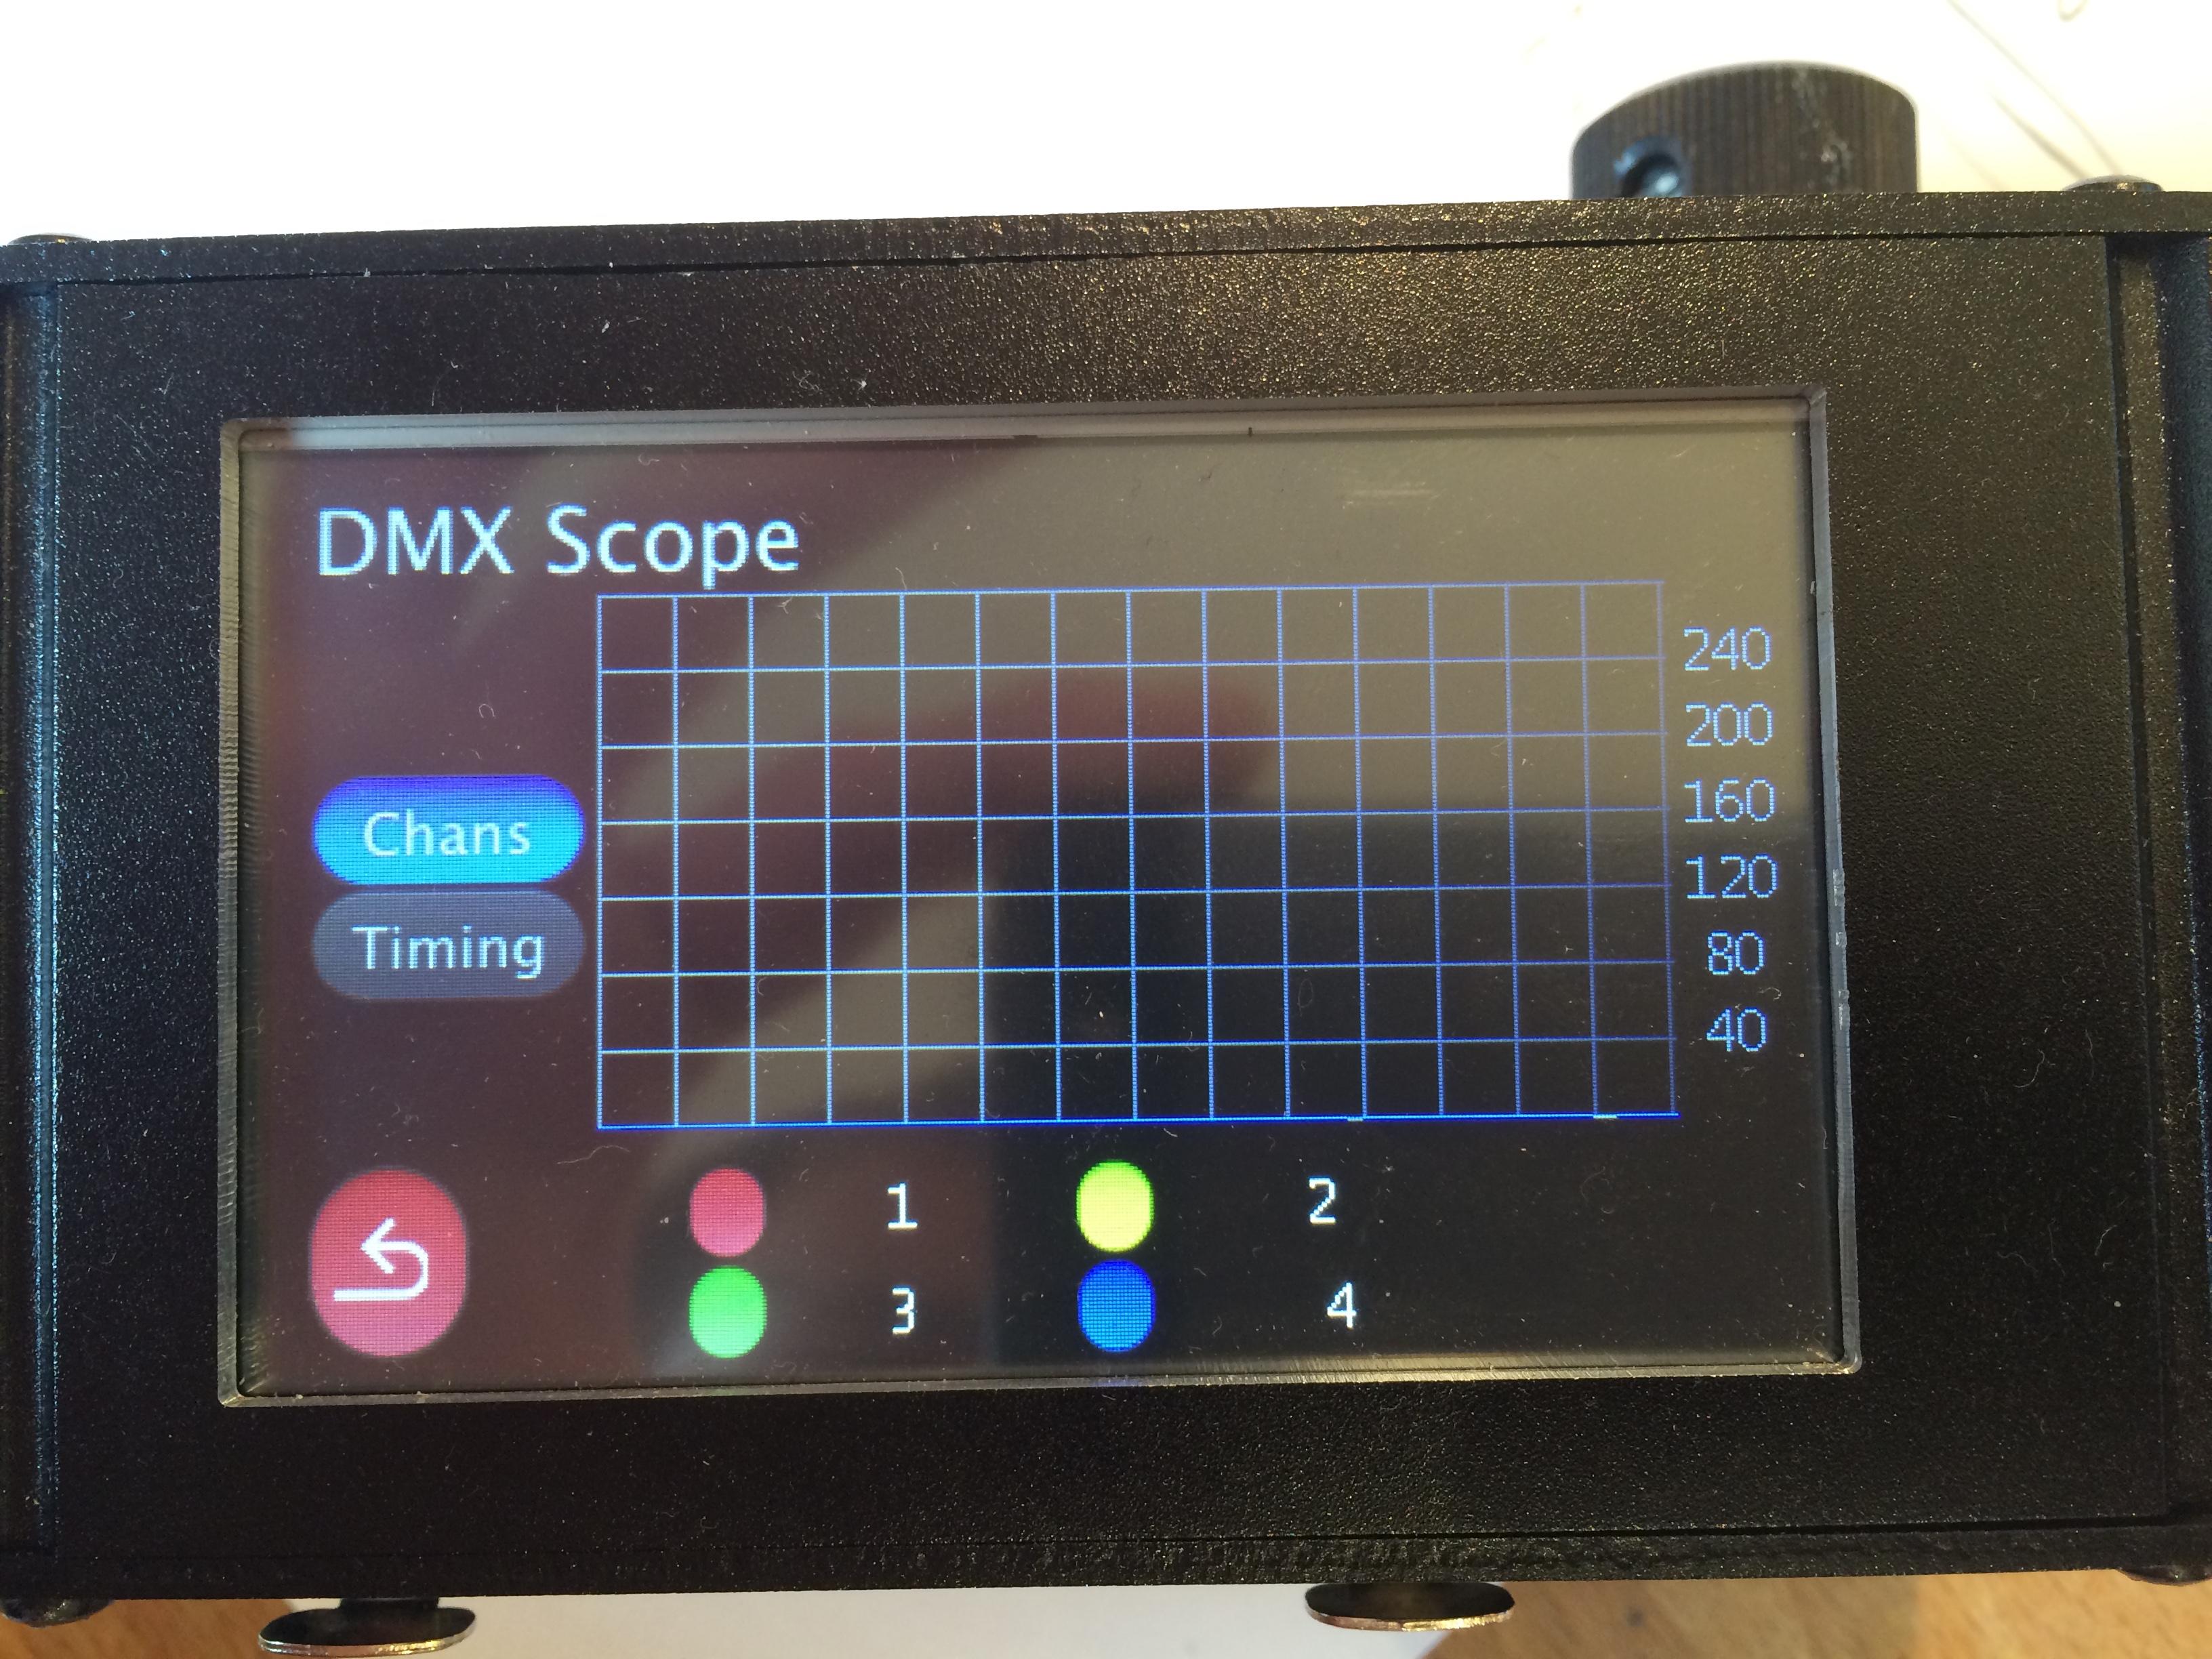 DMX Scope